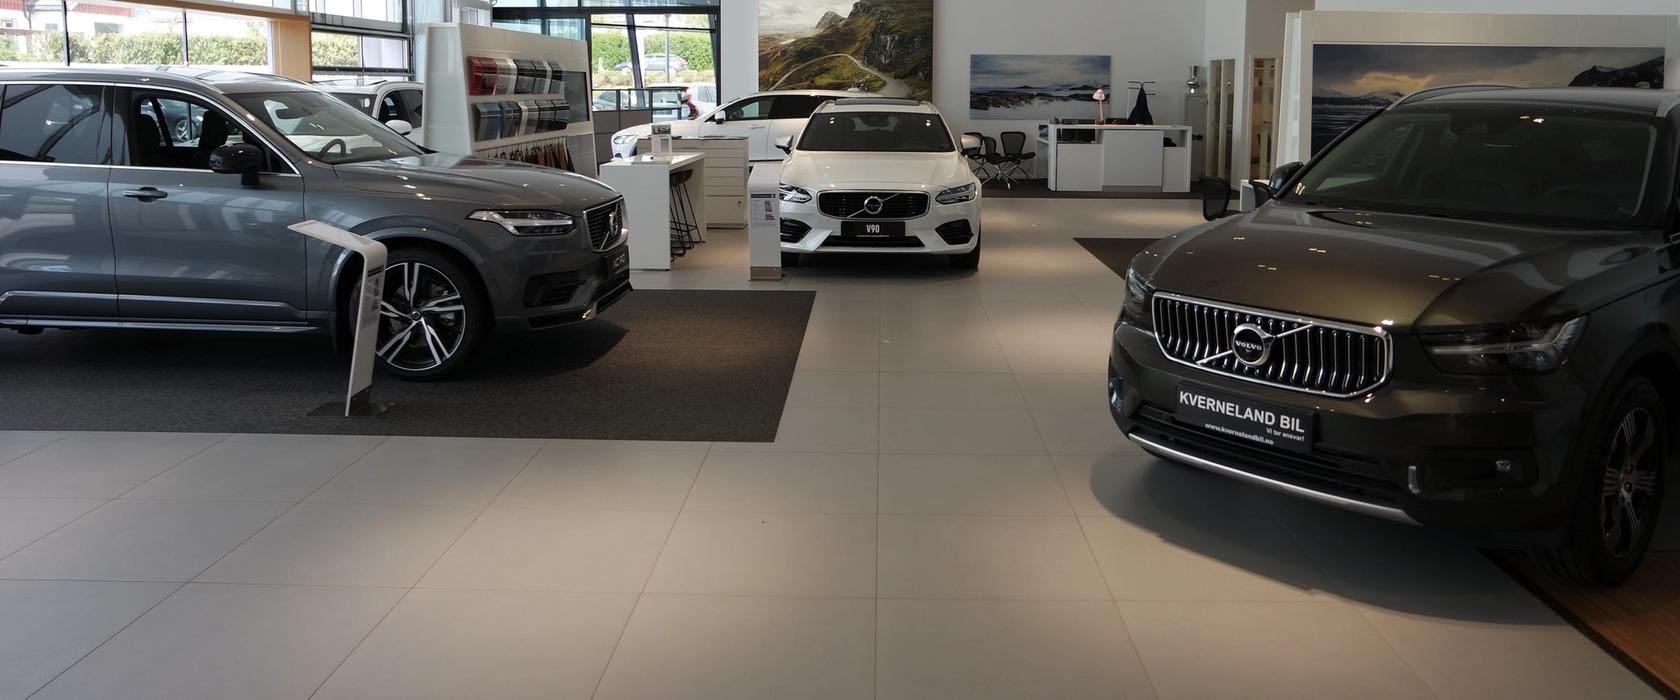 Innendørsbilde fra Volvobutikken på Bryne, med utstilte biler.